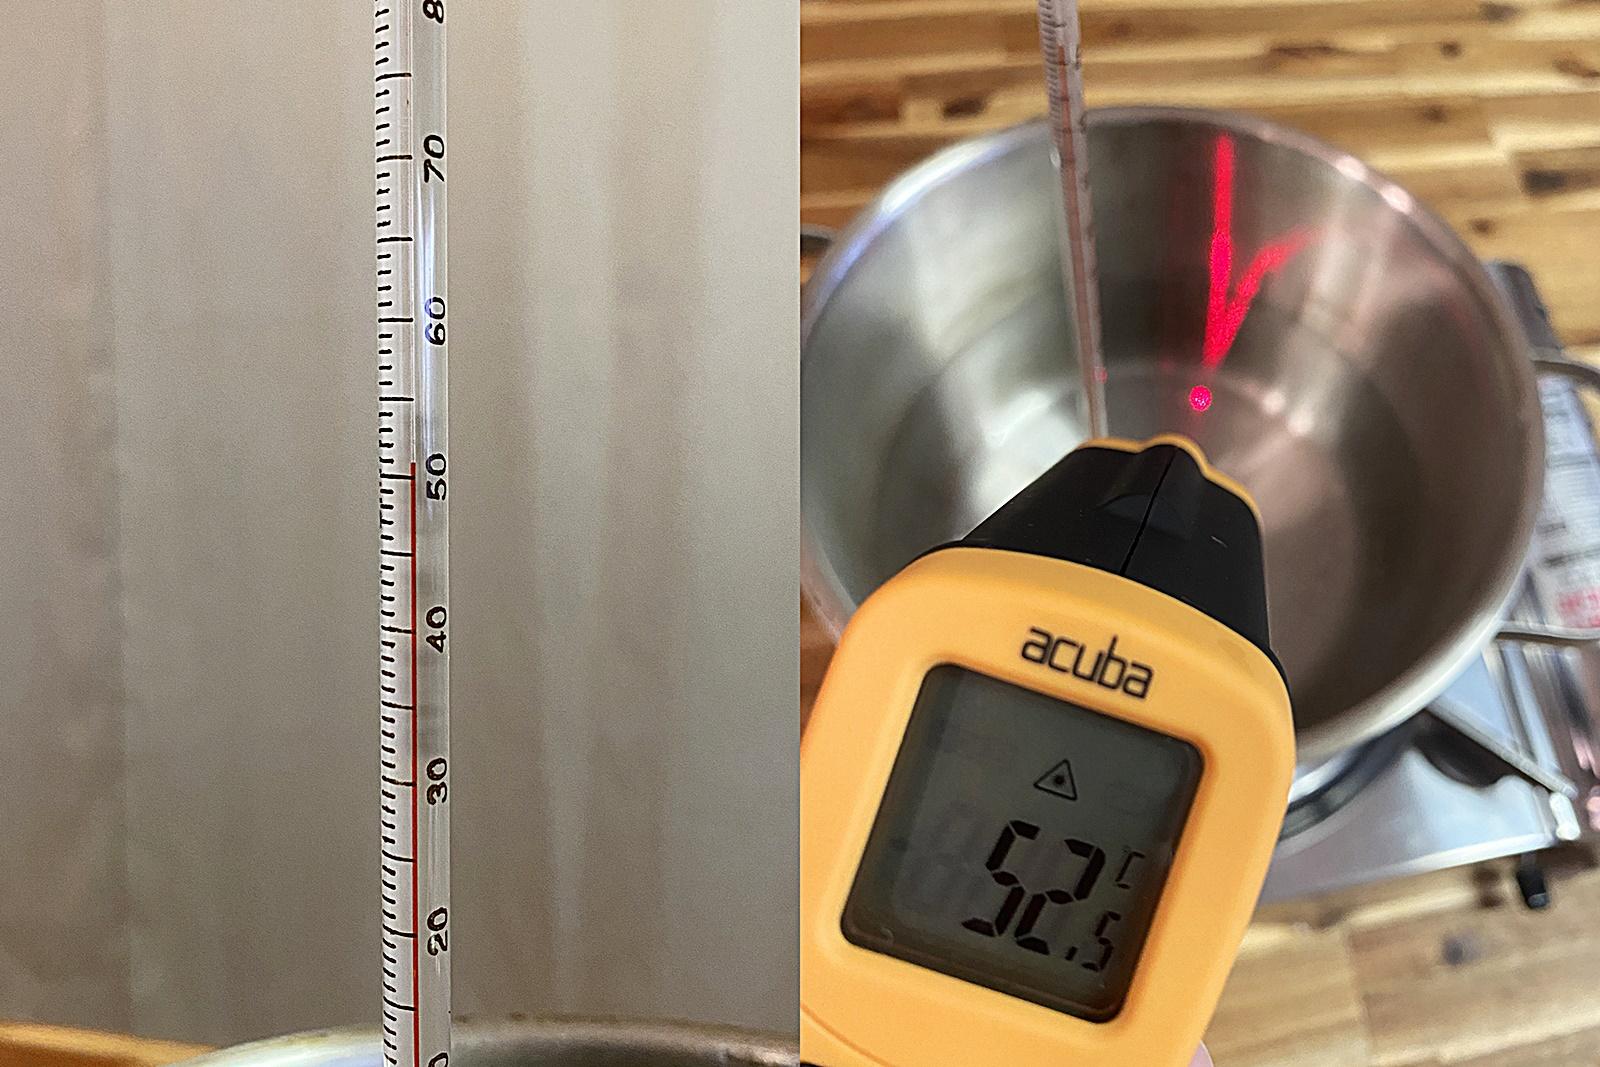 스테인리스 냄비 물 끓이며 온도계 비교 실험 2